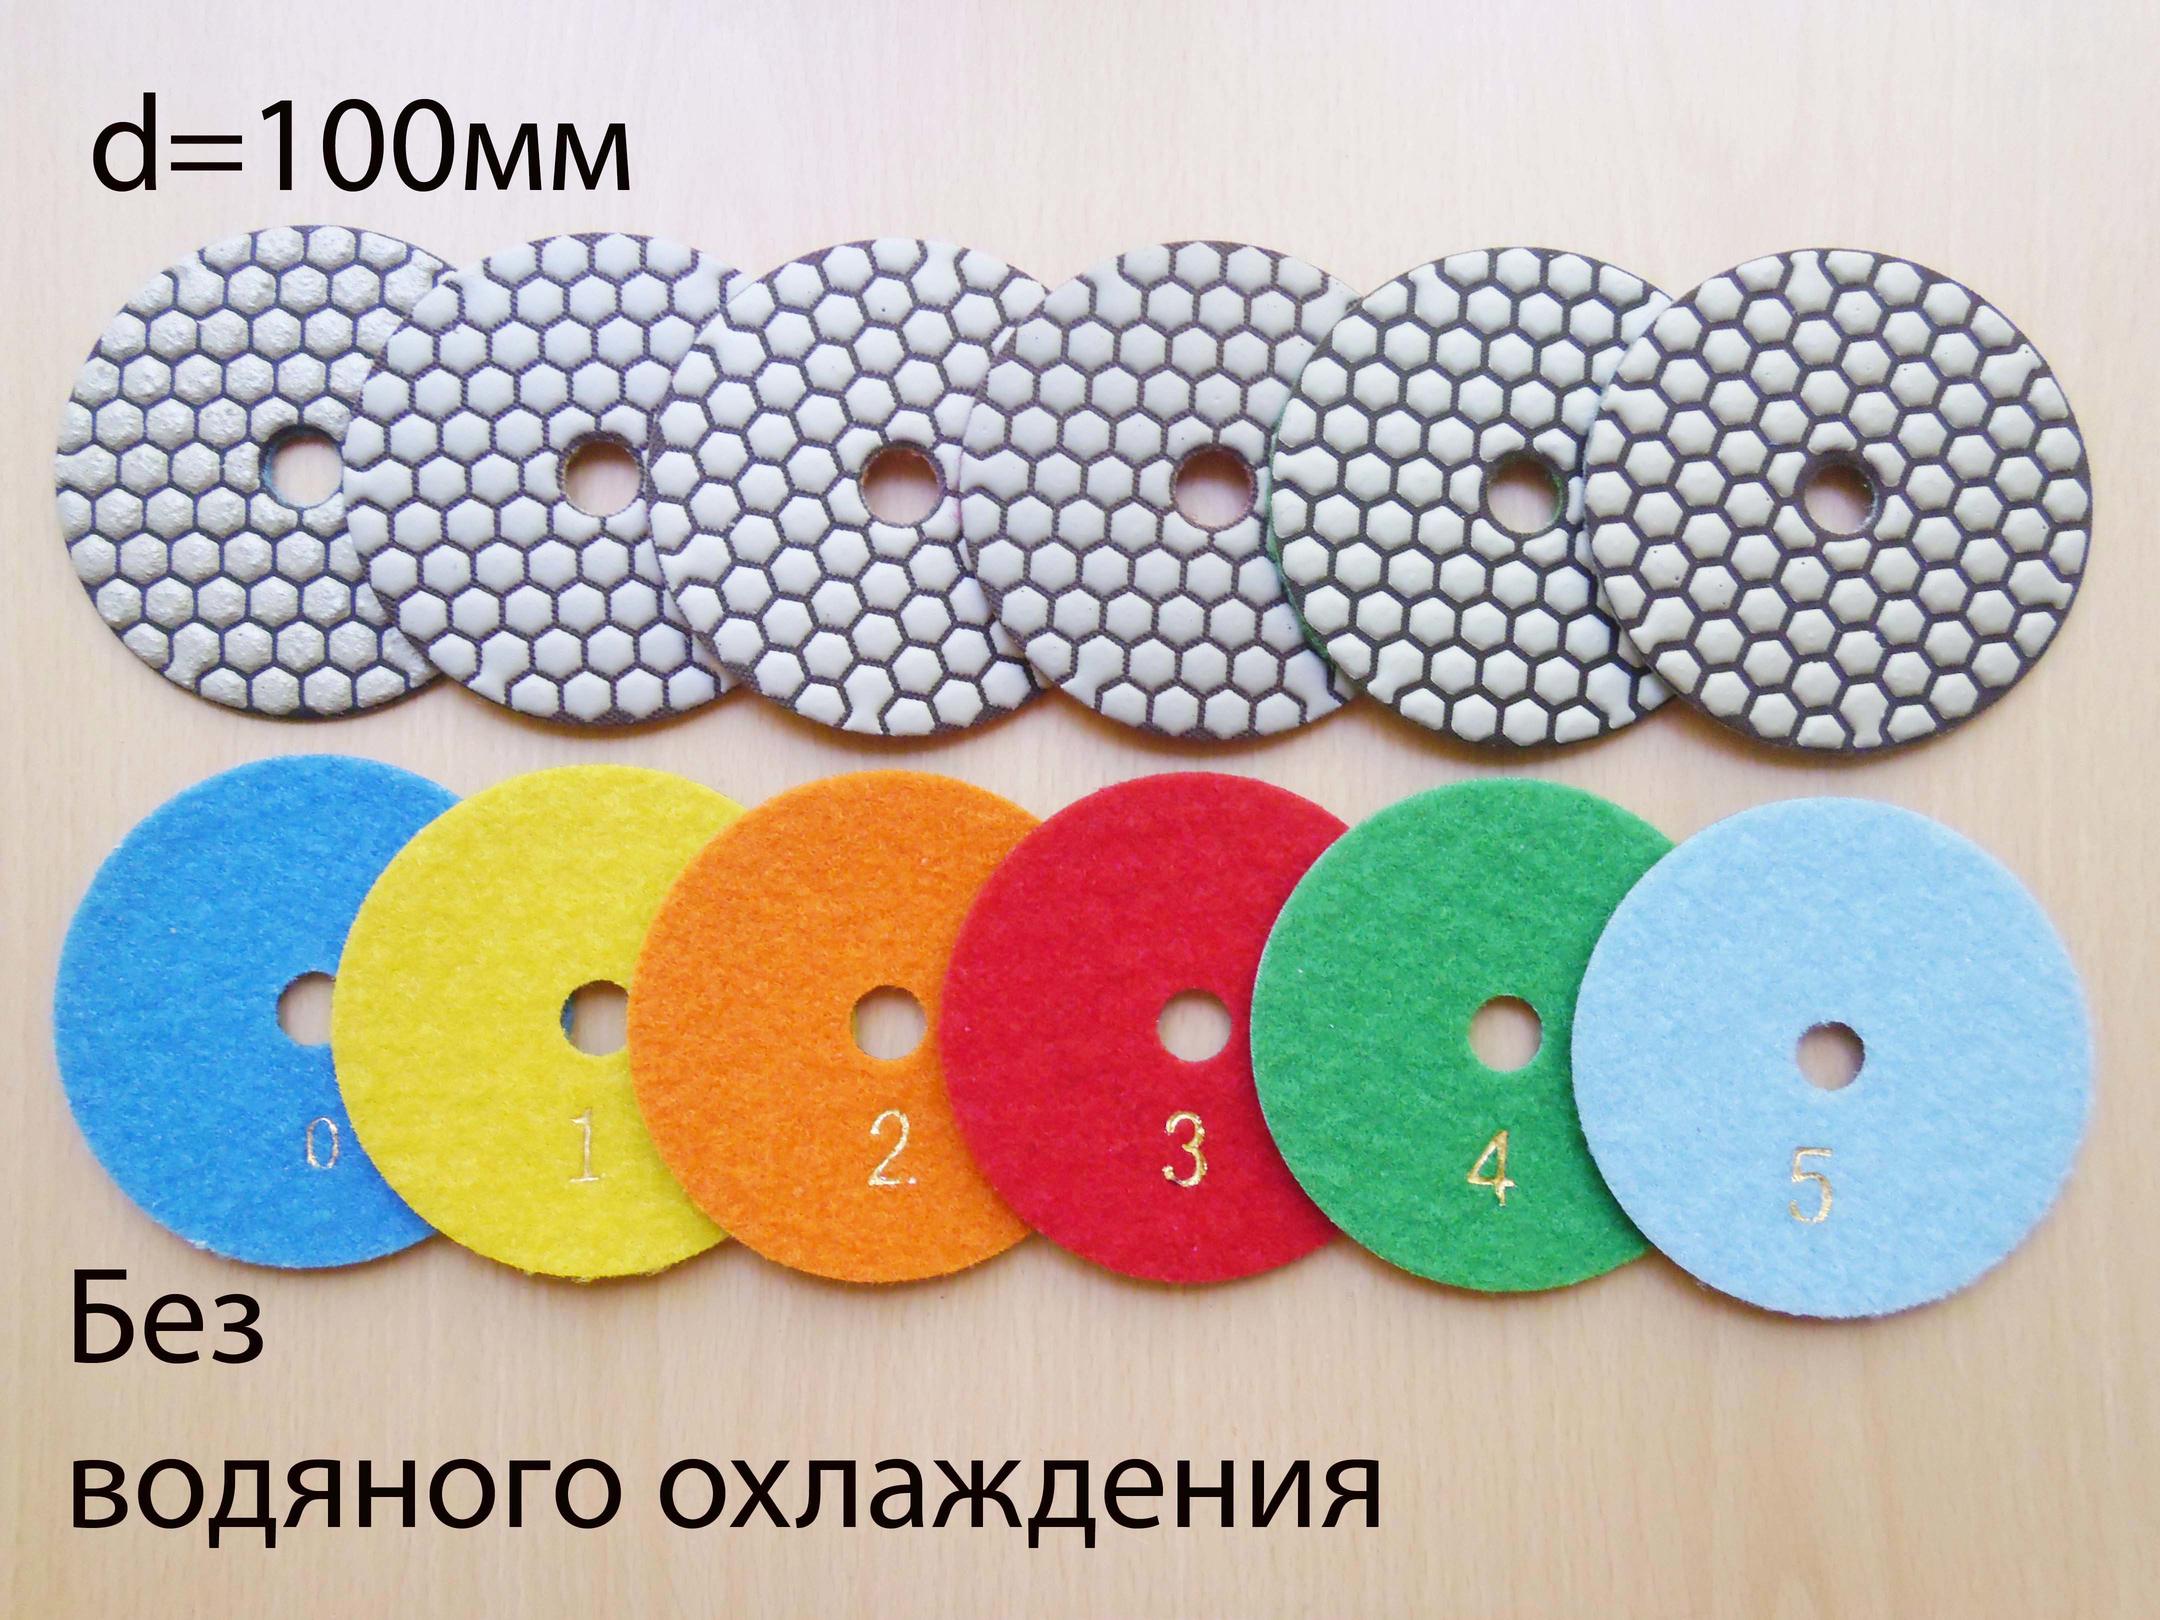 """Алмазные гибкие шлифовальные круги(АГШК) """"черепашки"""" для шлифовки камня(гранита и мрамора),керамогранита,металла,стекла и т.д,без водяного охлаждения. d=100 мм. Зернистость:0#(50); 1#(150); 2#(300); 3#(500); 4#(1000); 5#(2000).  От 48 штук-цена:200 руб/шт."""